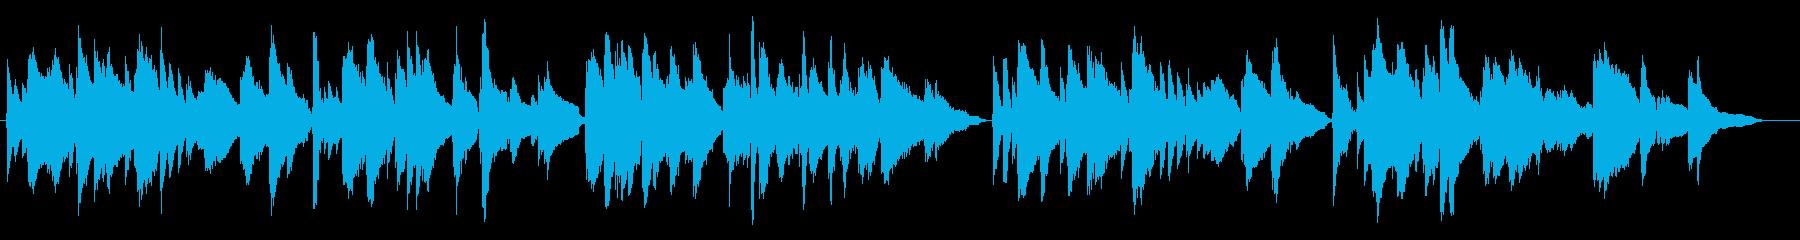 お洒落なジャズ風ソロギターBGMの再生済みの波形